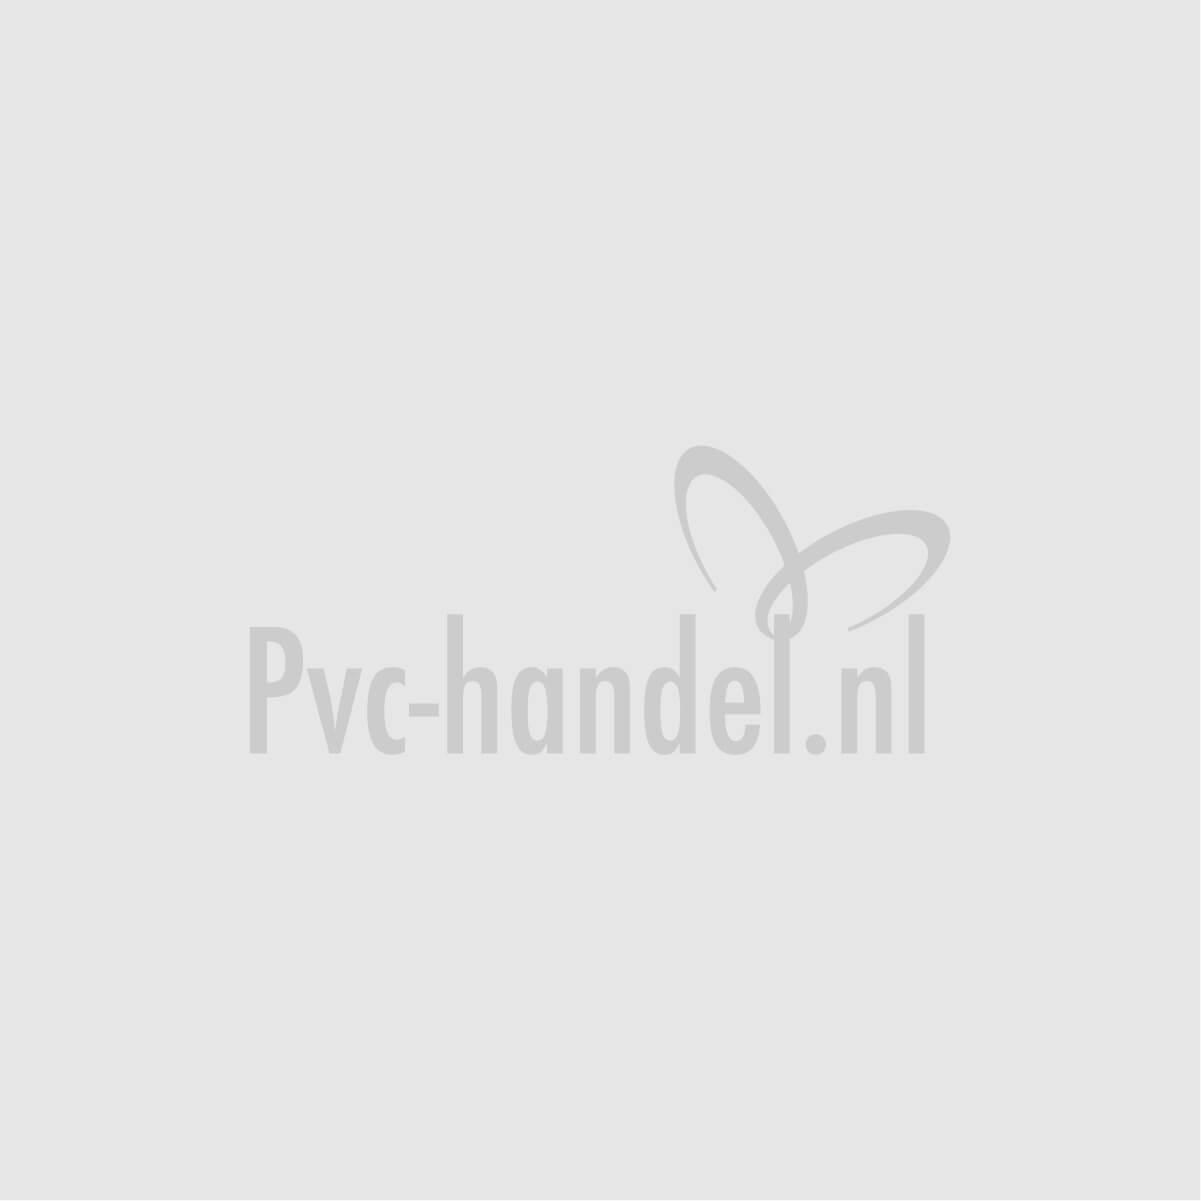 PVC t-stuk 90°